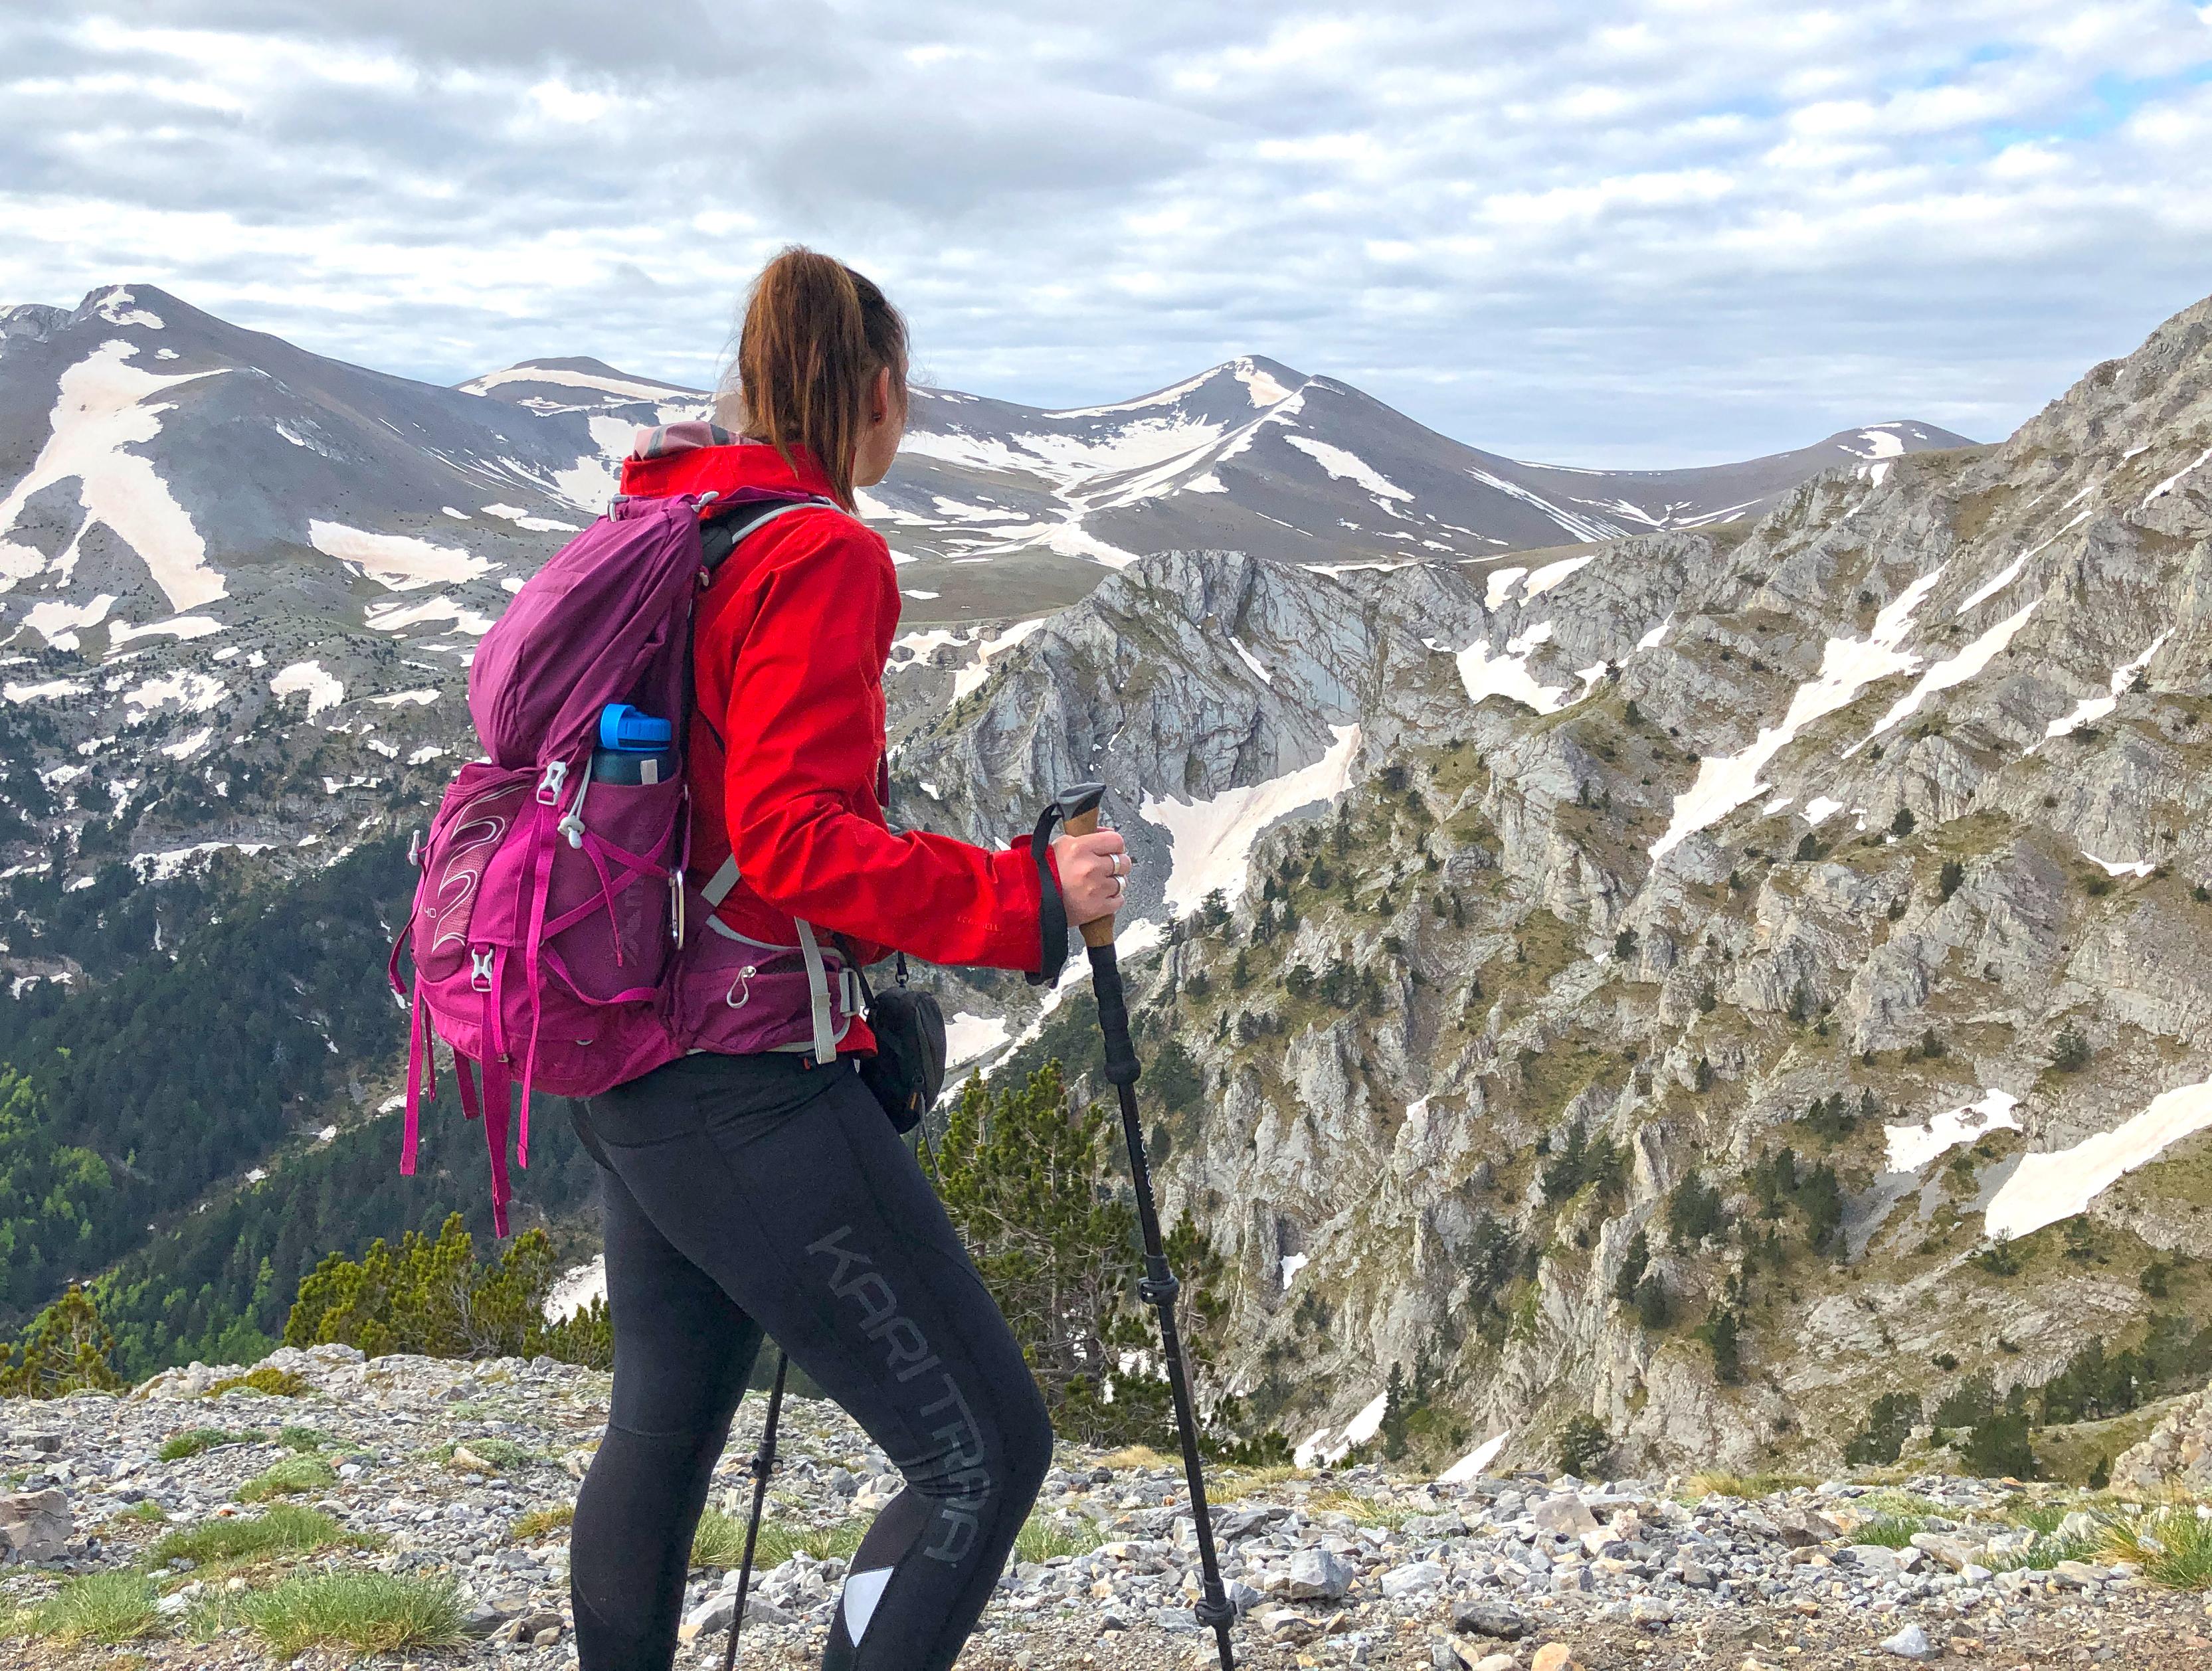 Mount_Olympus_Hike